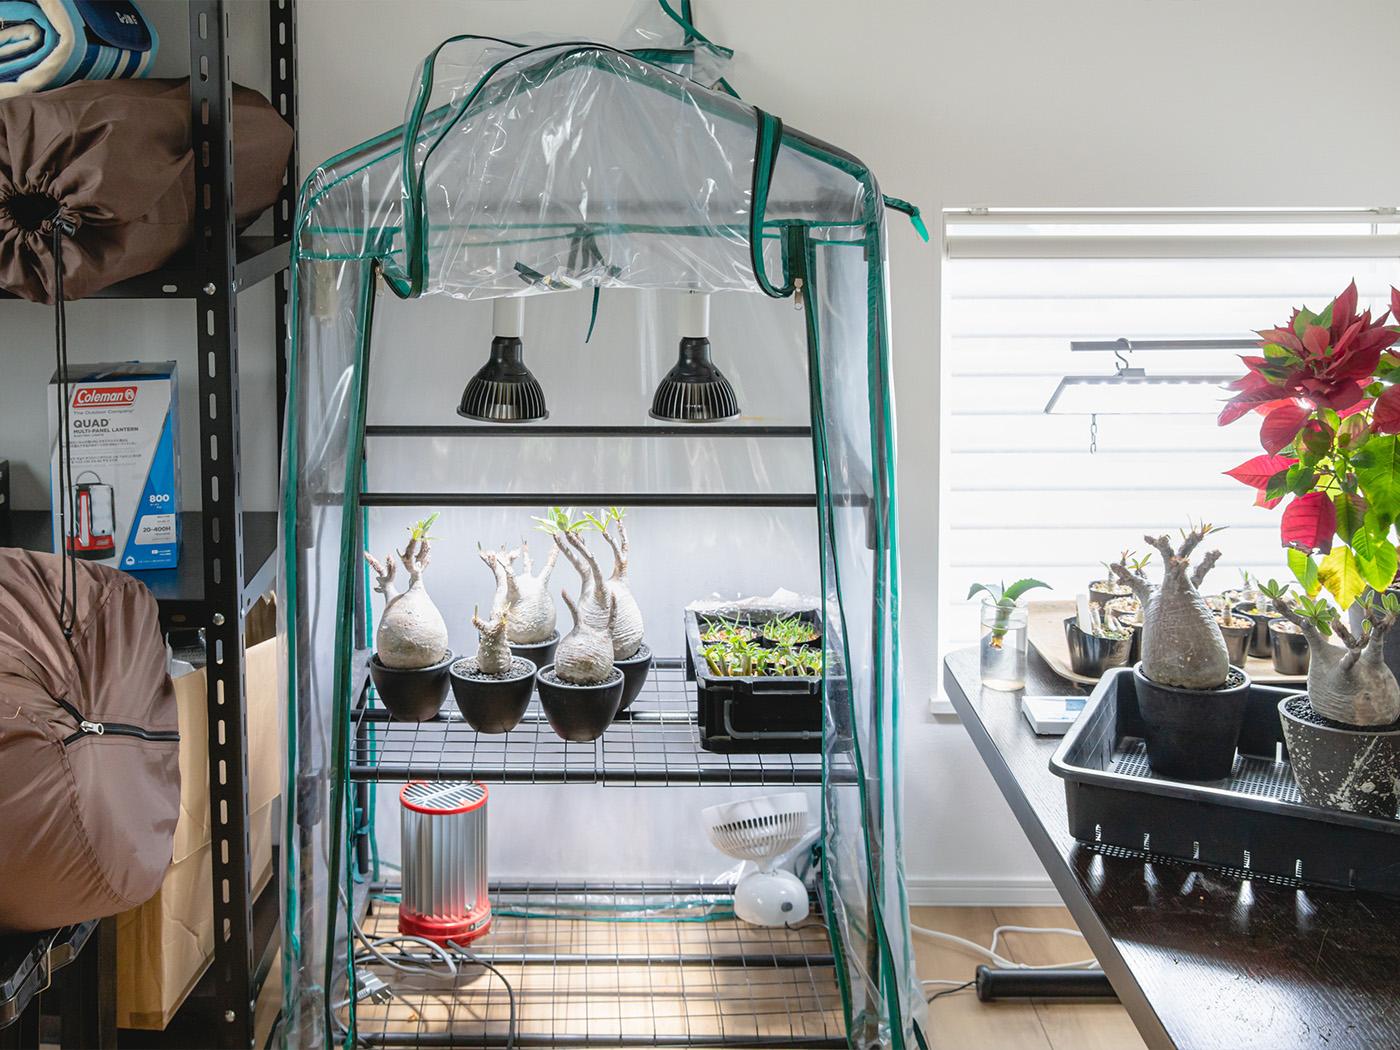 2階には小さなビニールハウスを設置した植物部屋が。